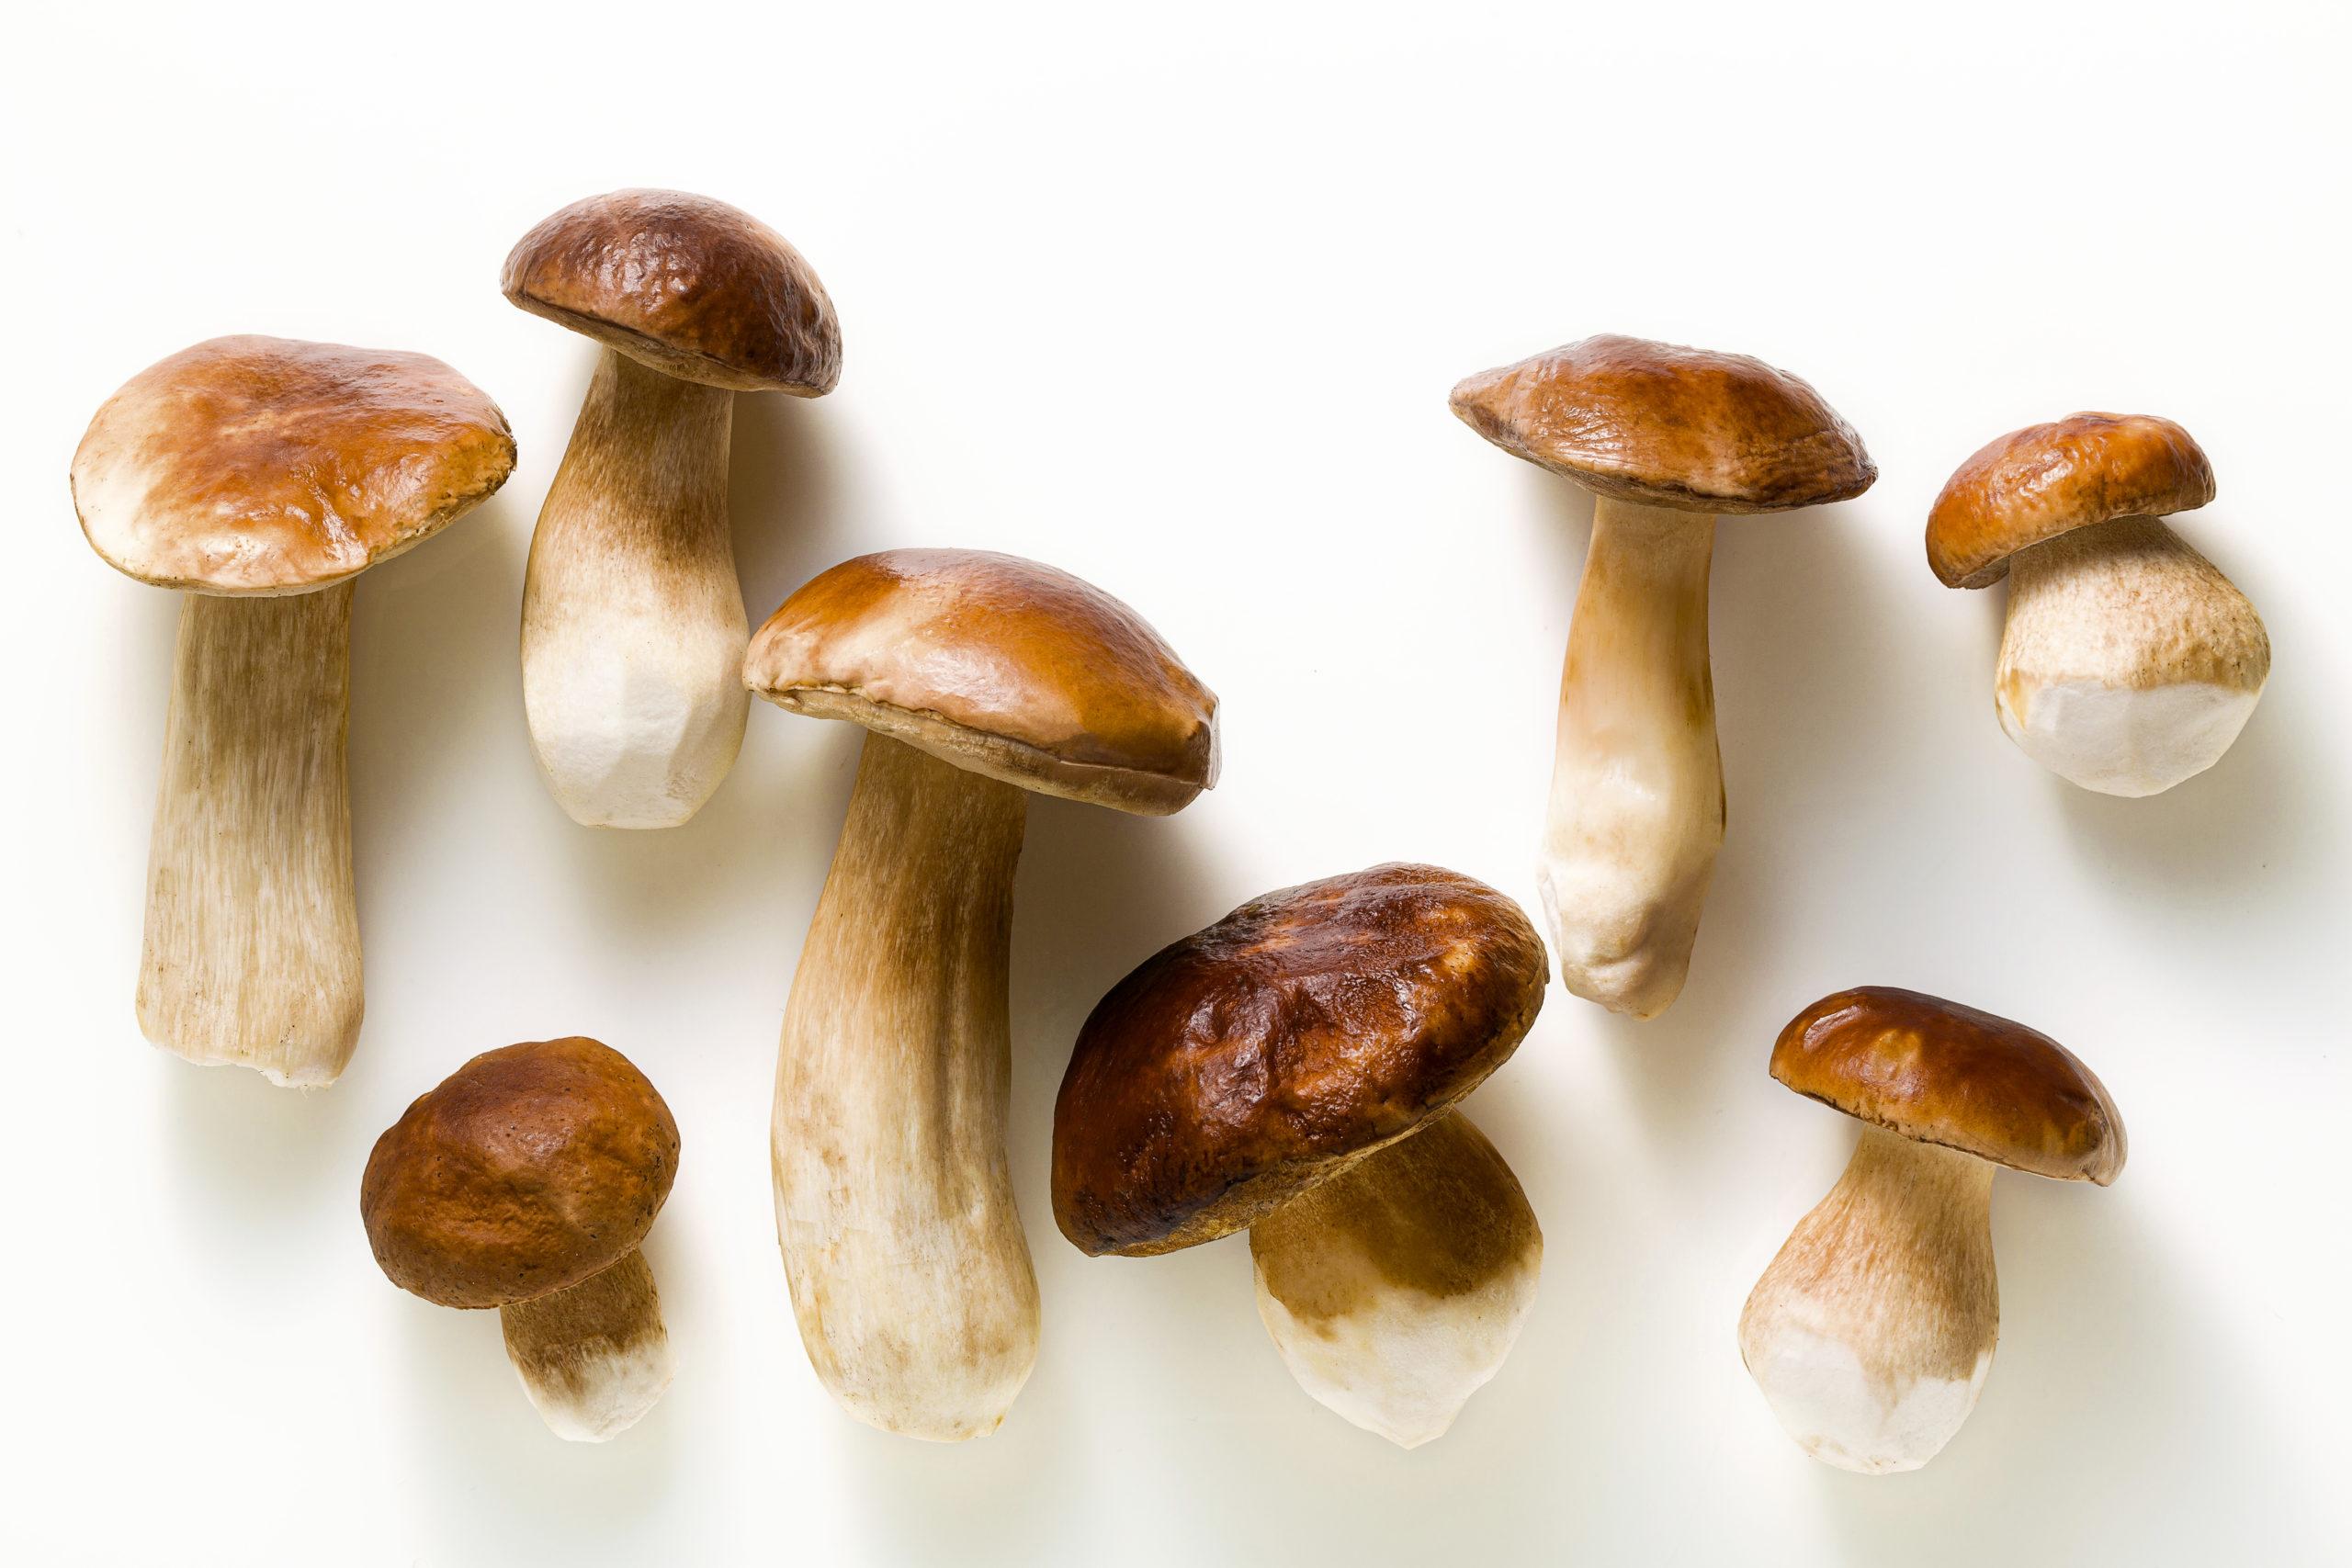 Substitute for Porcini Mushrooms